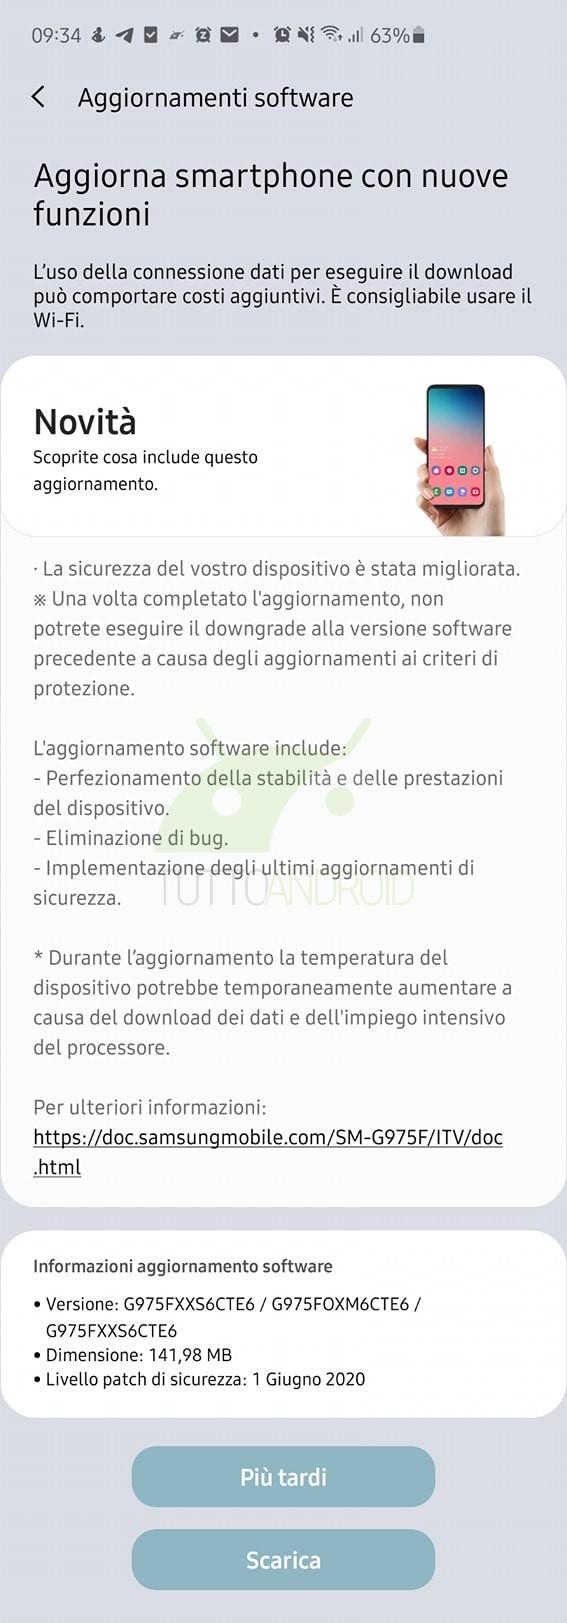 Samsung Galaxy S10 aggiornamento patch di sicurezza giugno 2020